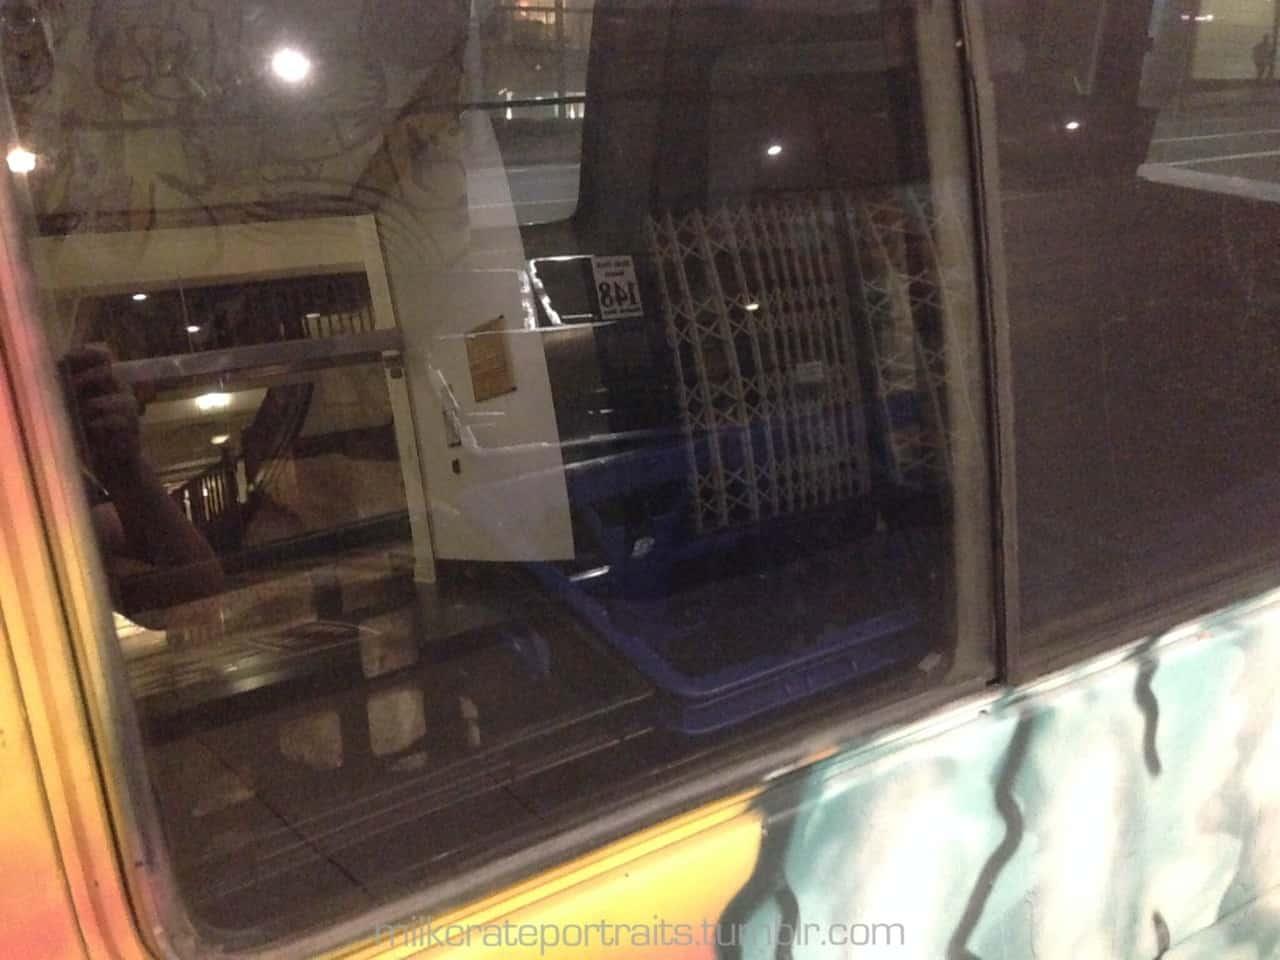 Milk crates inside a van